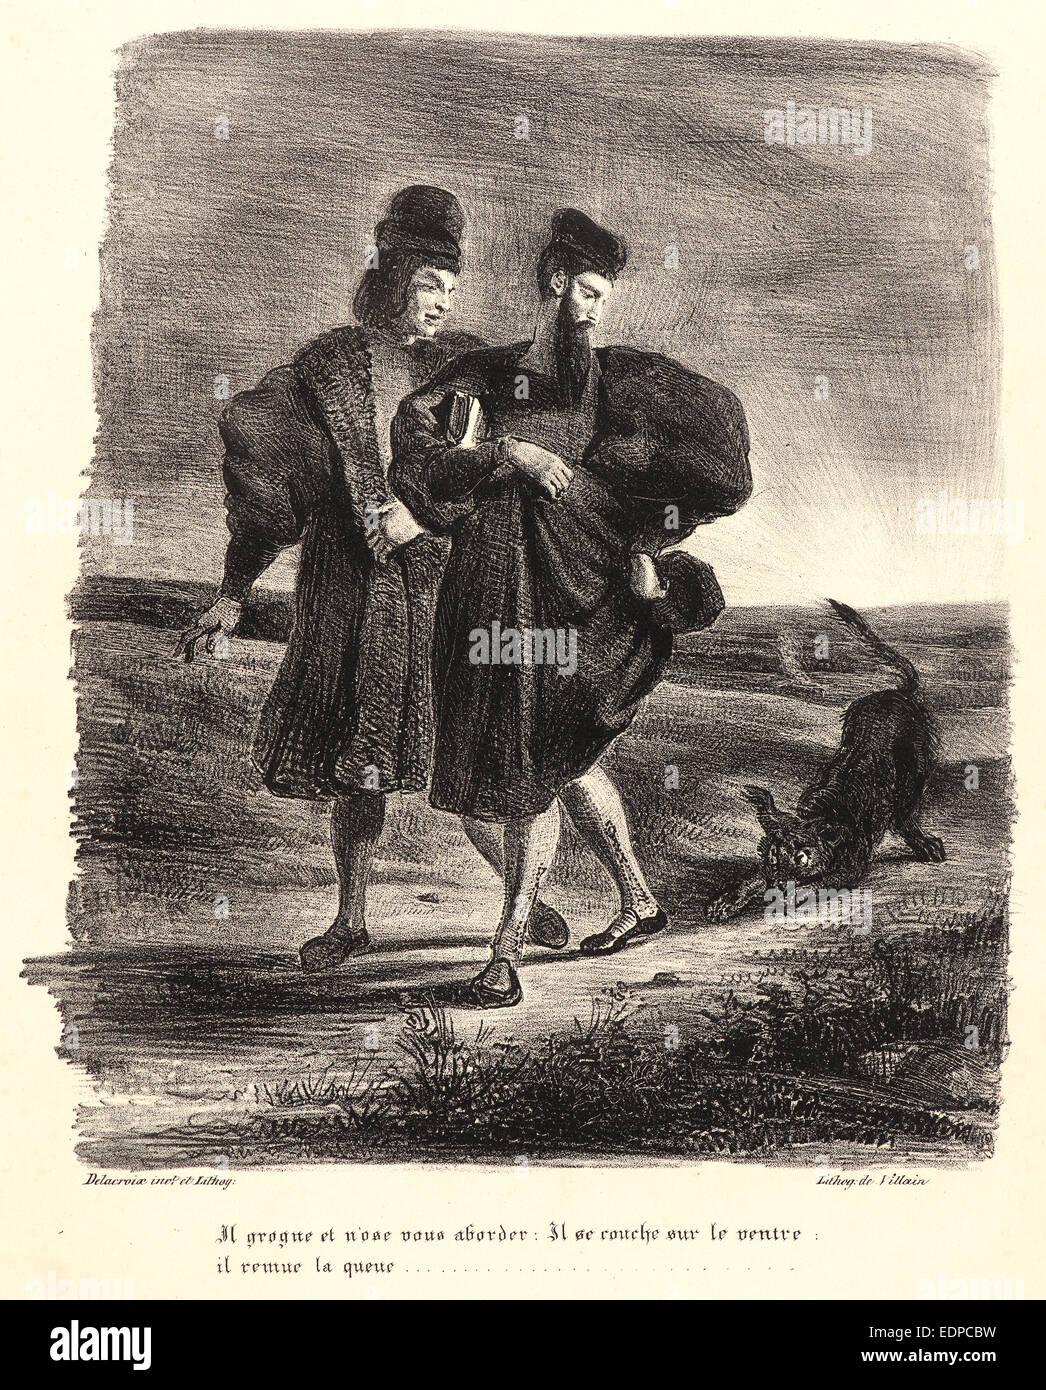 Eugène Delacroix (French, 1798 - 1863). Faust, Mephistopheles, and the Water Dog (Faust, Méphistophélès - Stock Image